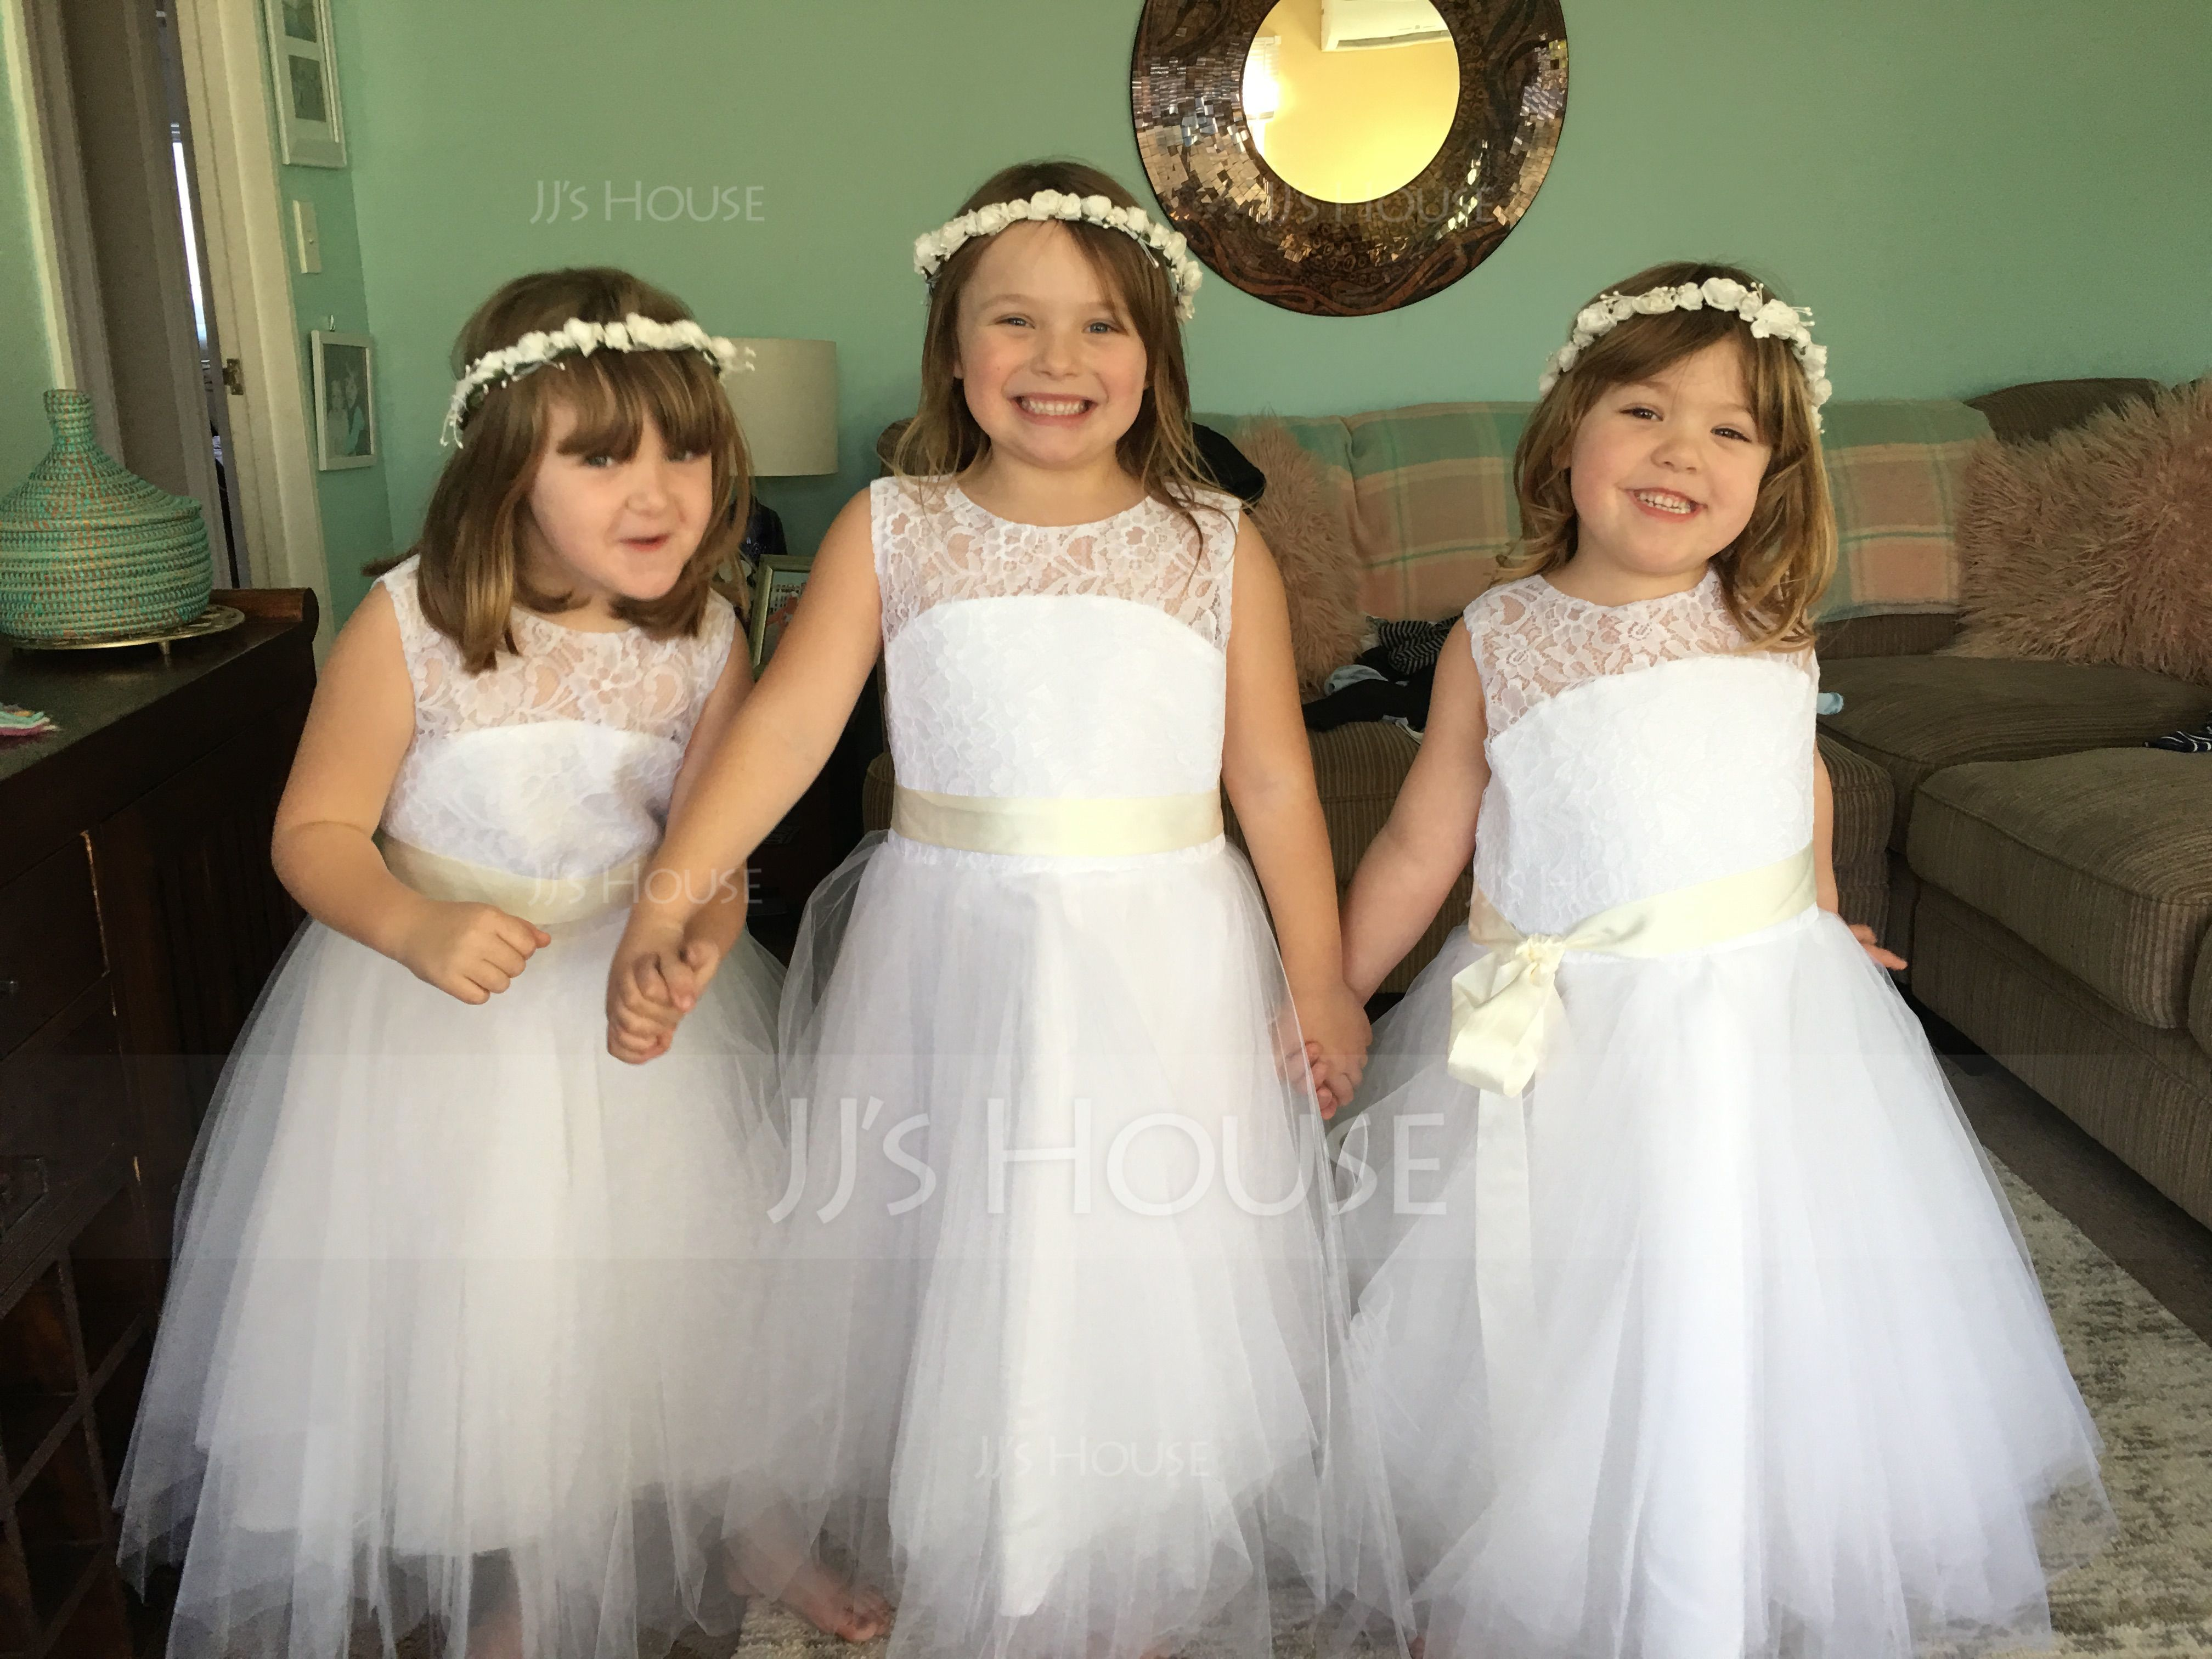 Forme Princesse Longueur mollet Robes à Fleurs pour Filles - Satiné/Tulle/Dentelle Sans manches Col rond avec Ceintures/À ruban(s)/Trou noir (010091711)